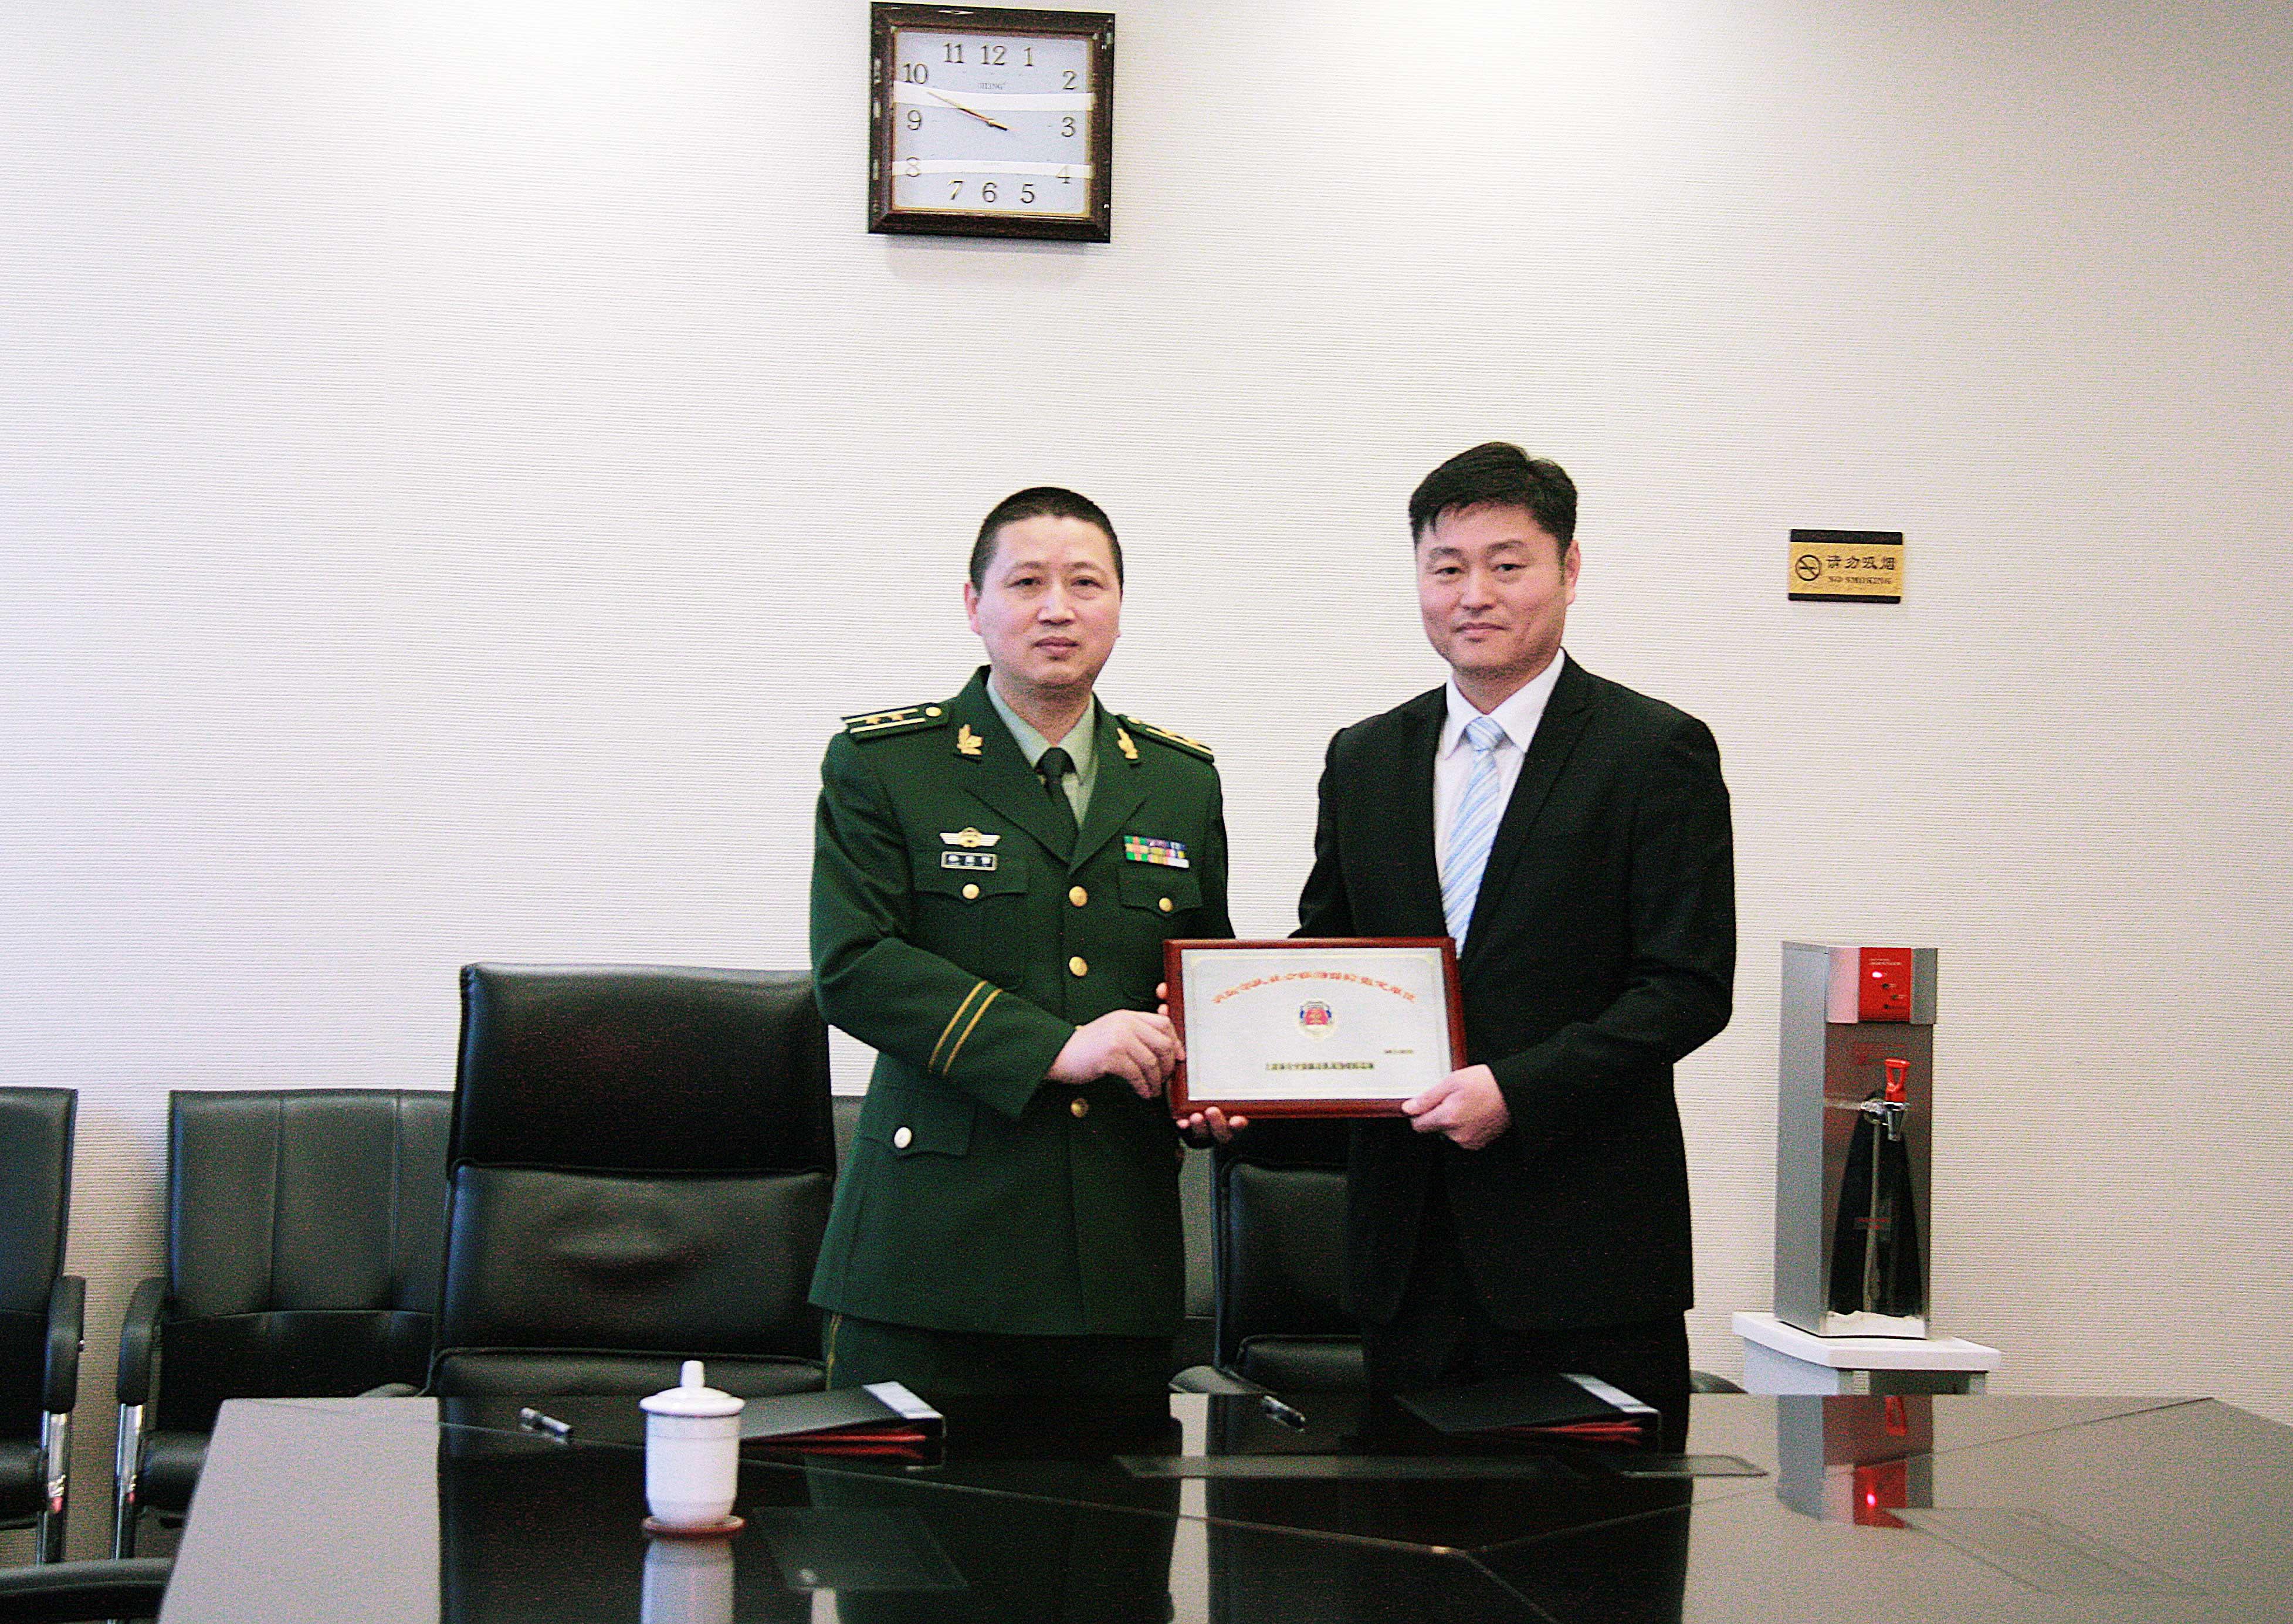 龙工签约成为上海消防联勤保证社会联动单位